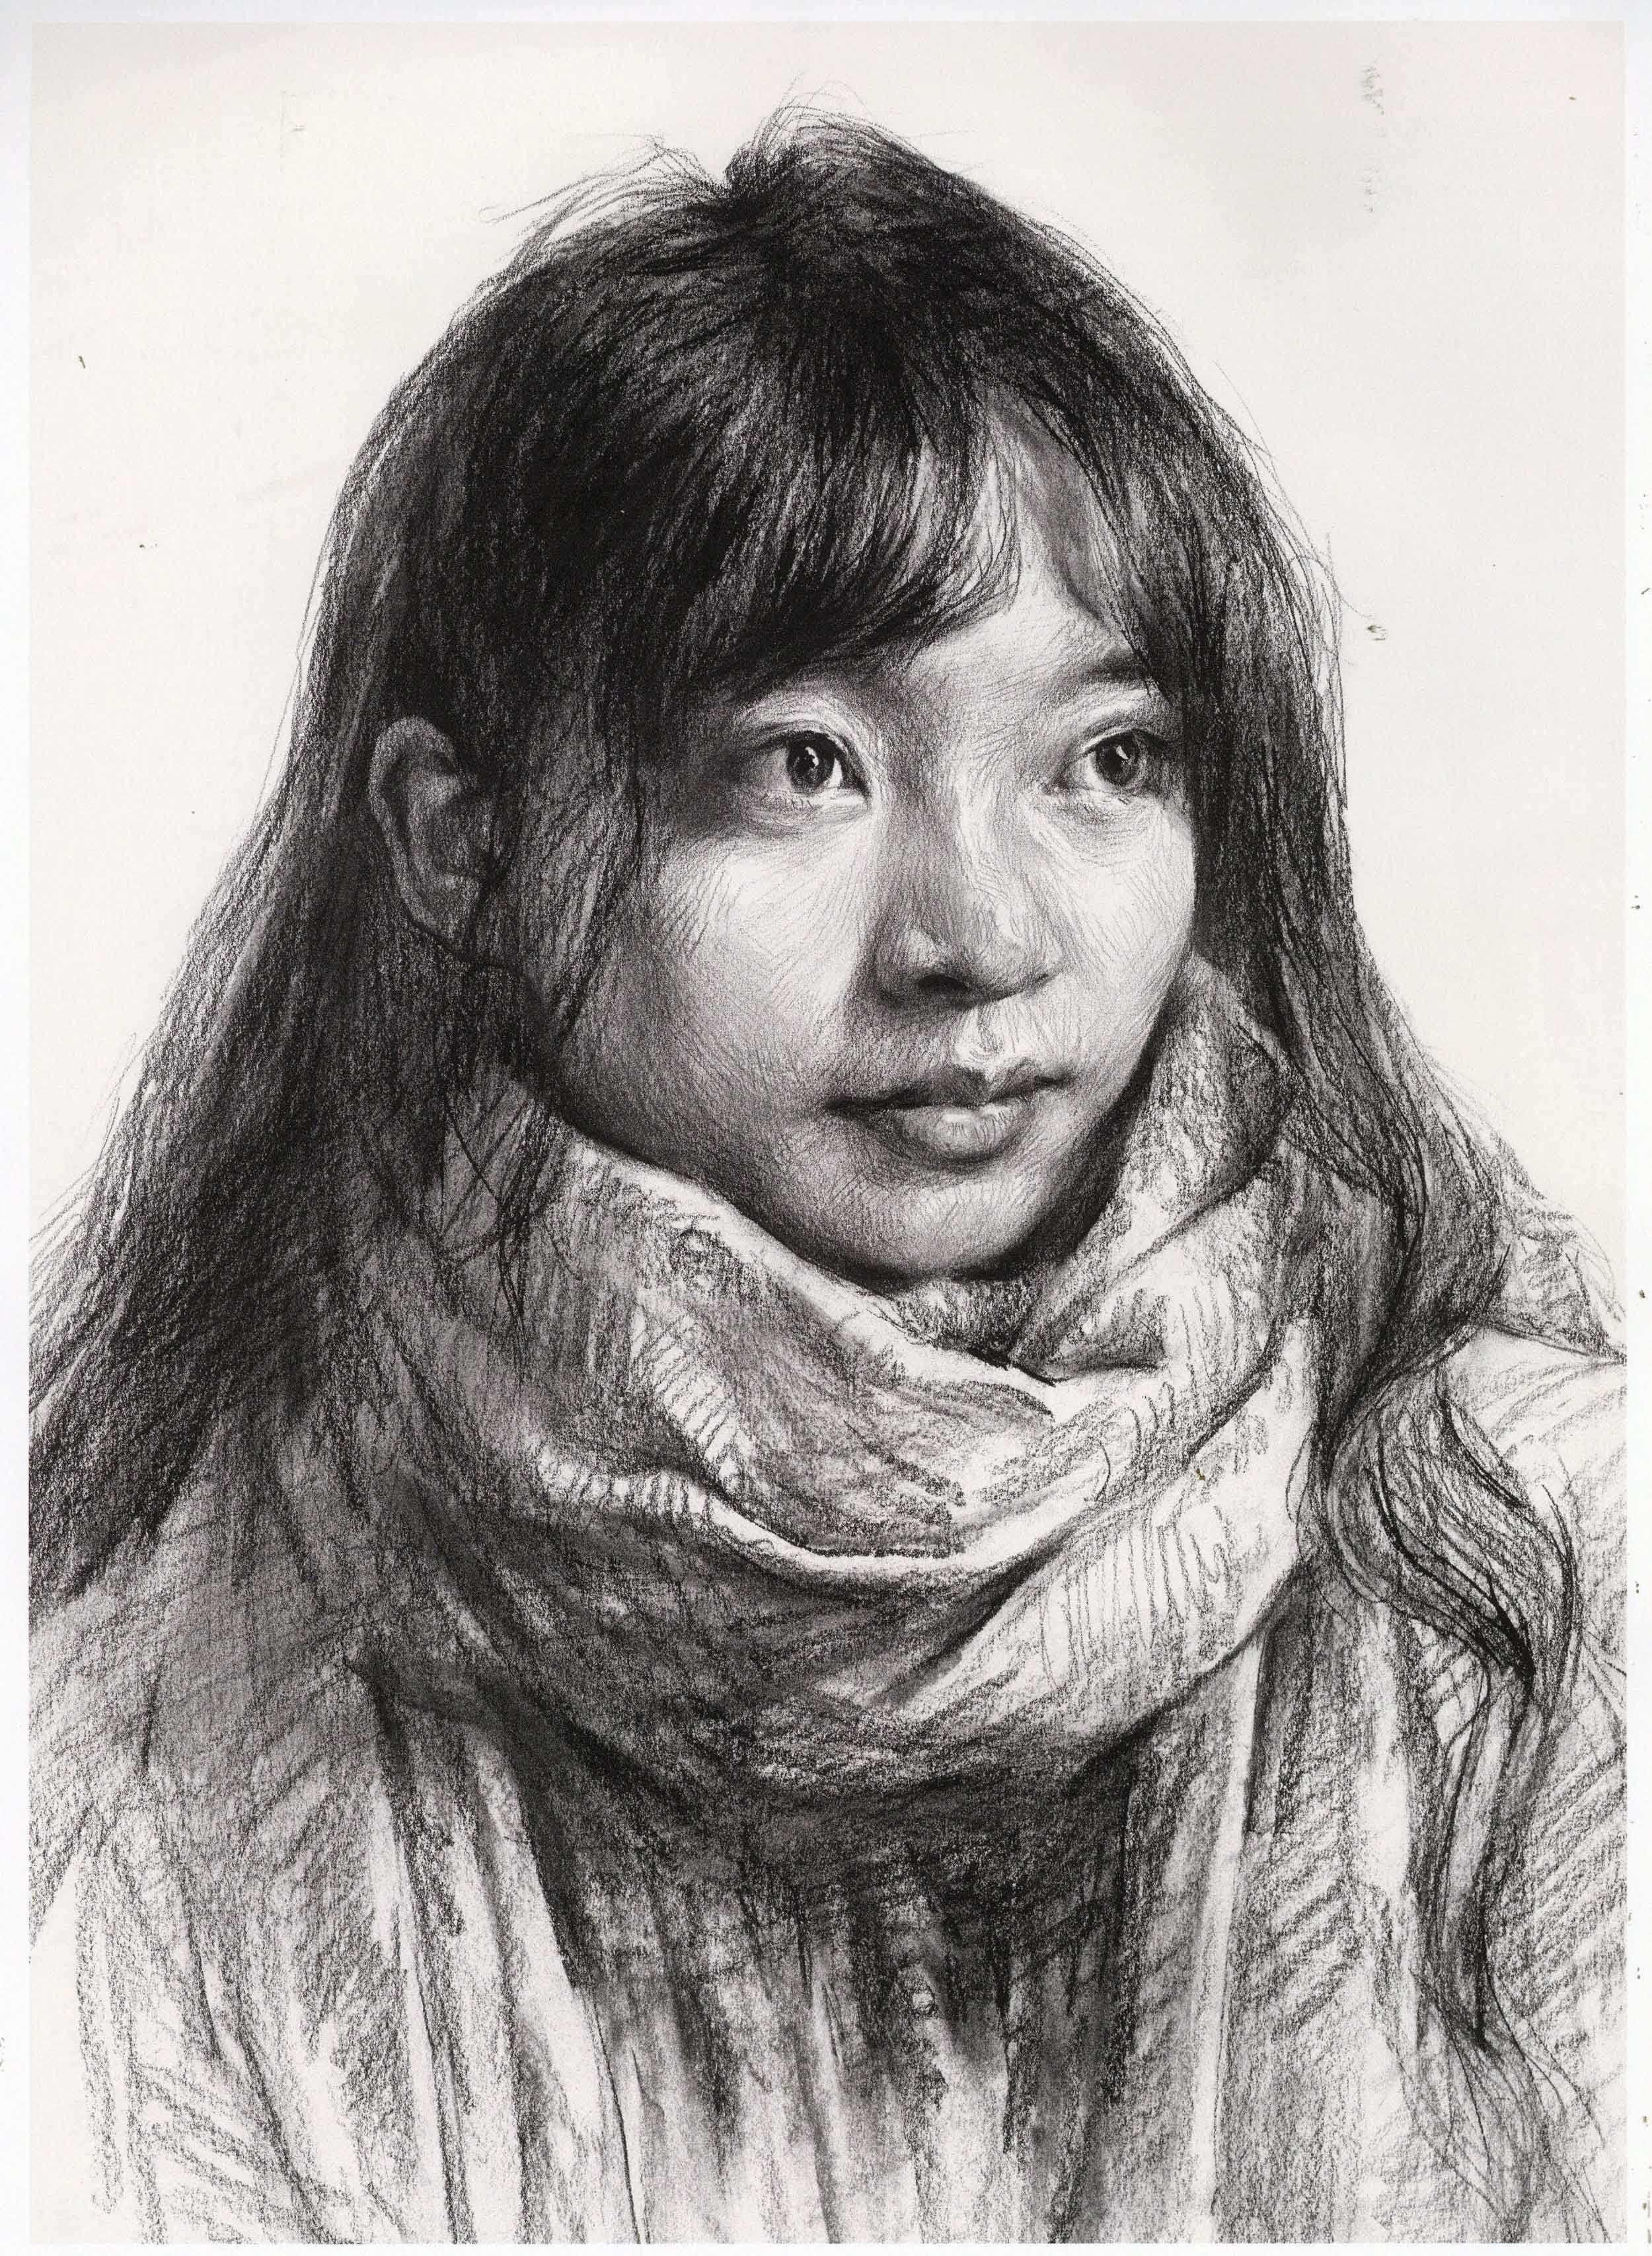 人物速写,素描女青年头像案例